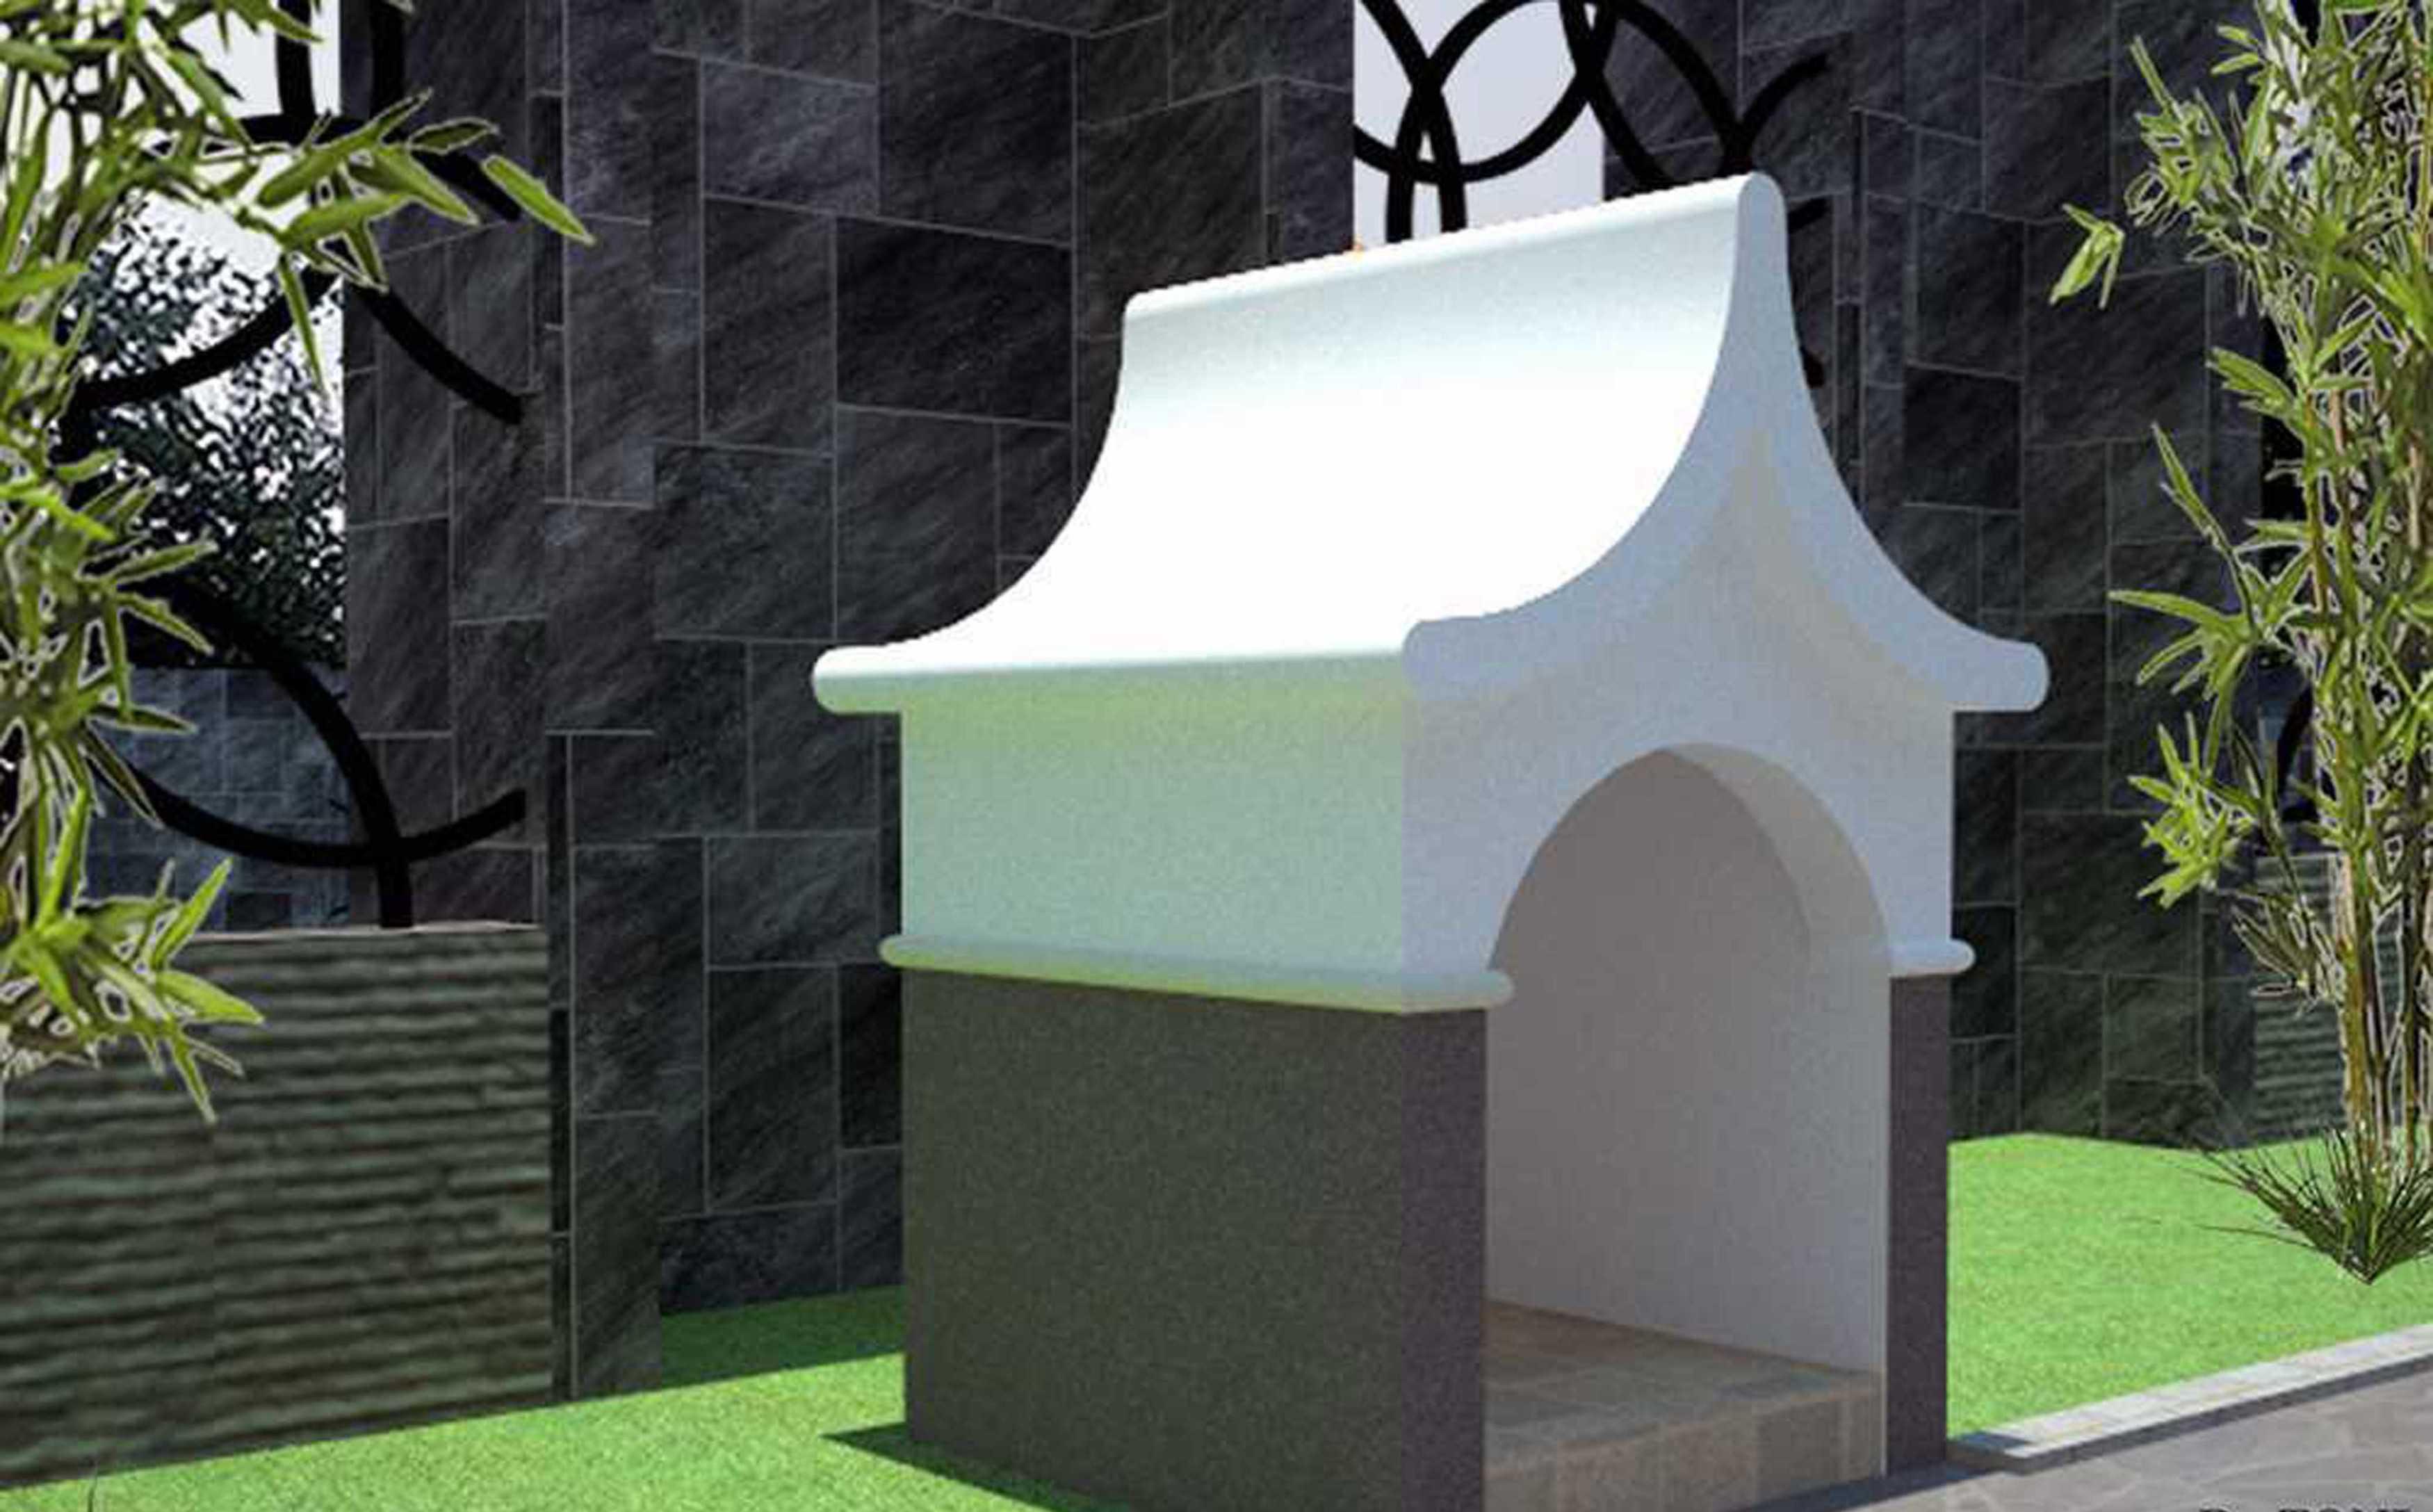 Irfanwidi Architects The Greencourt Lake Residence West, Rt.22/rw.16, Kapuk, Kebon Jeruk, West Jakarta City, Jakarta 11720, Indonesia West, Rt.22/rw.16, Kapuk, Kebon Jeruk, West Jakarta City, Jakarta 11720, Indonesia 4   33676